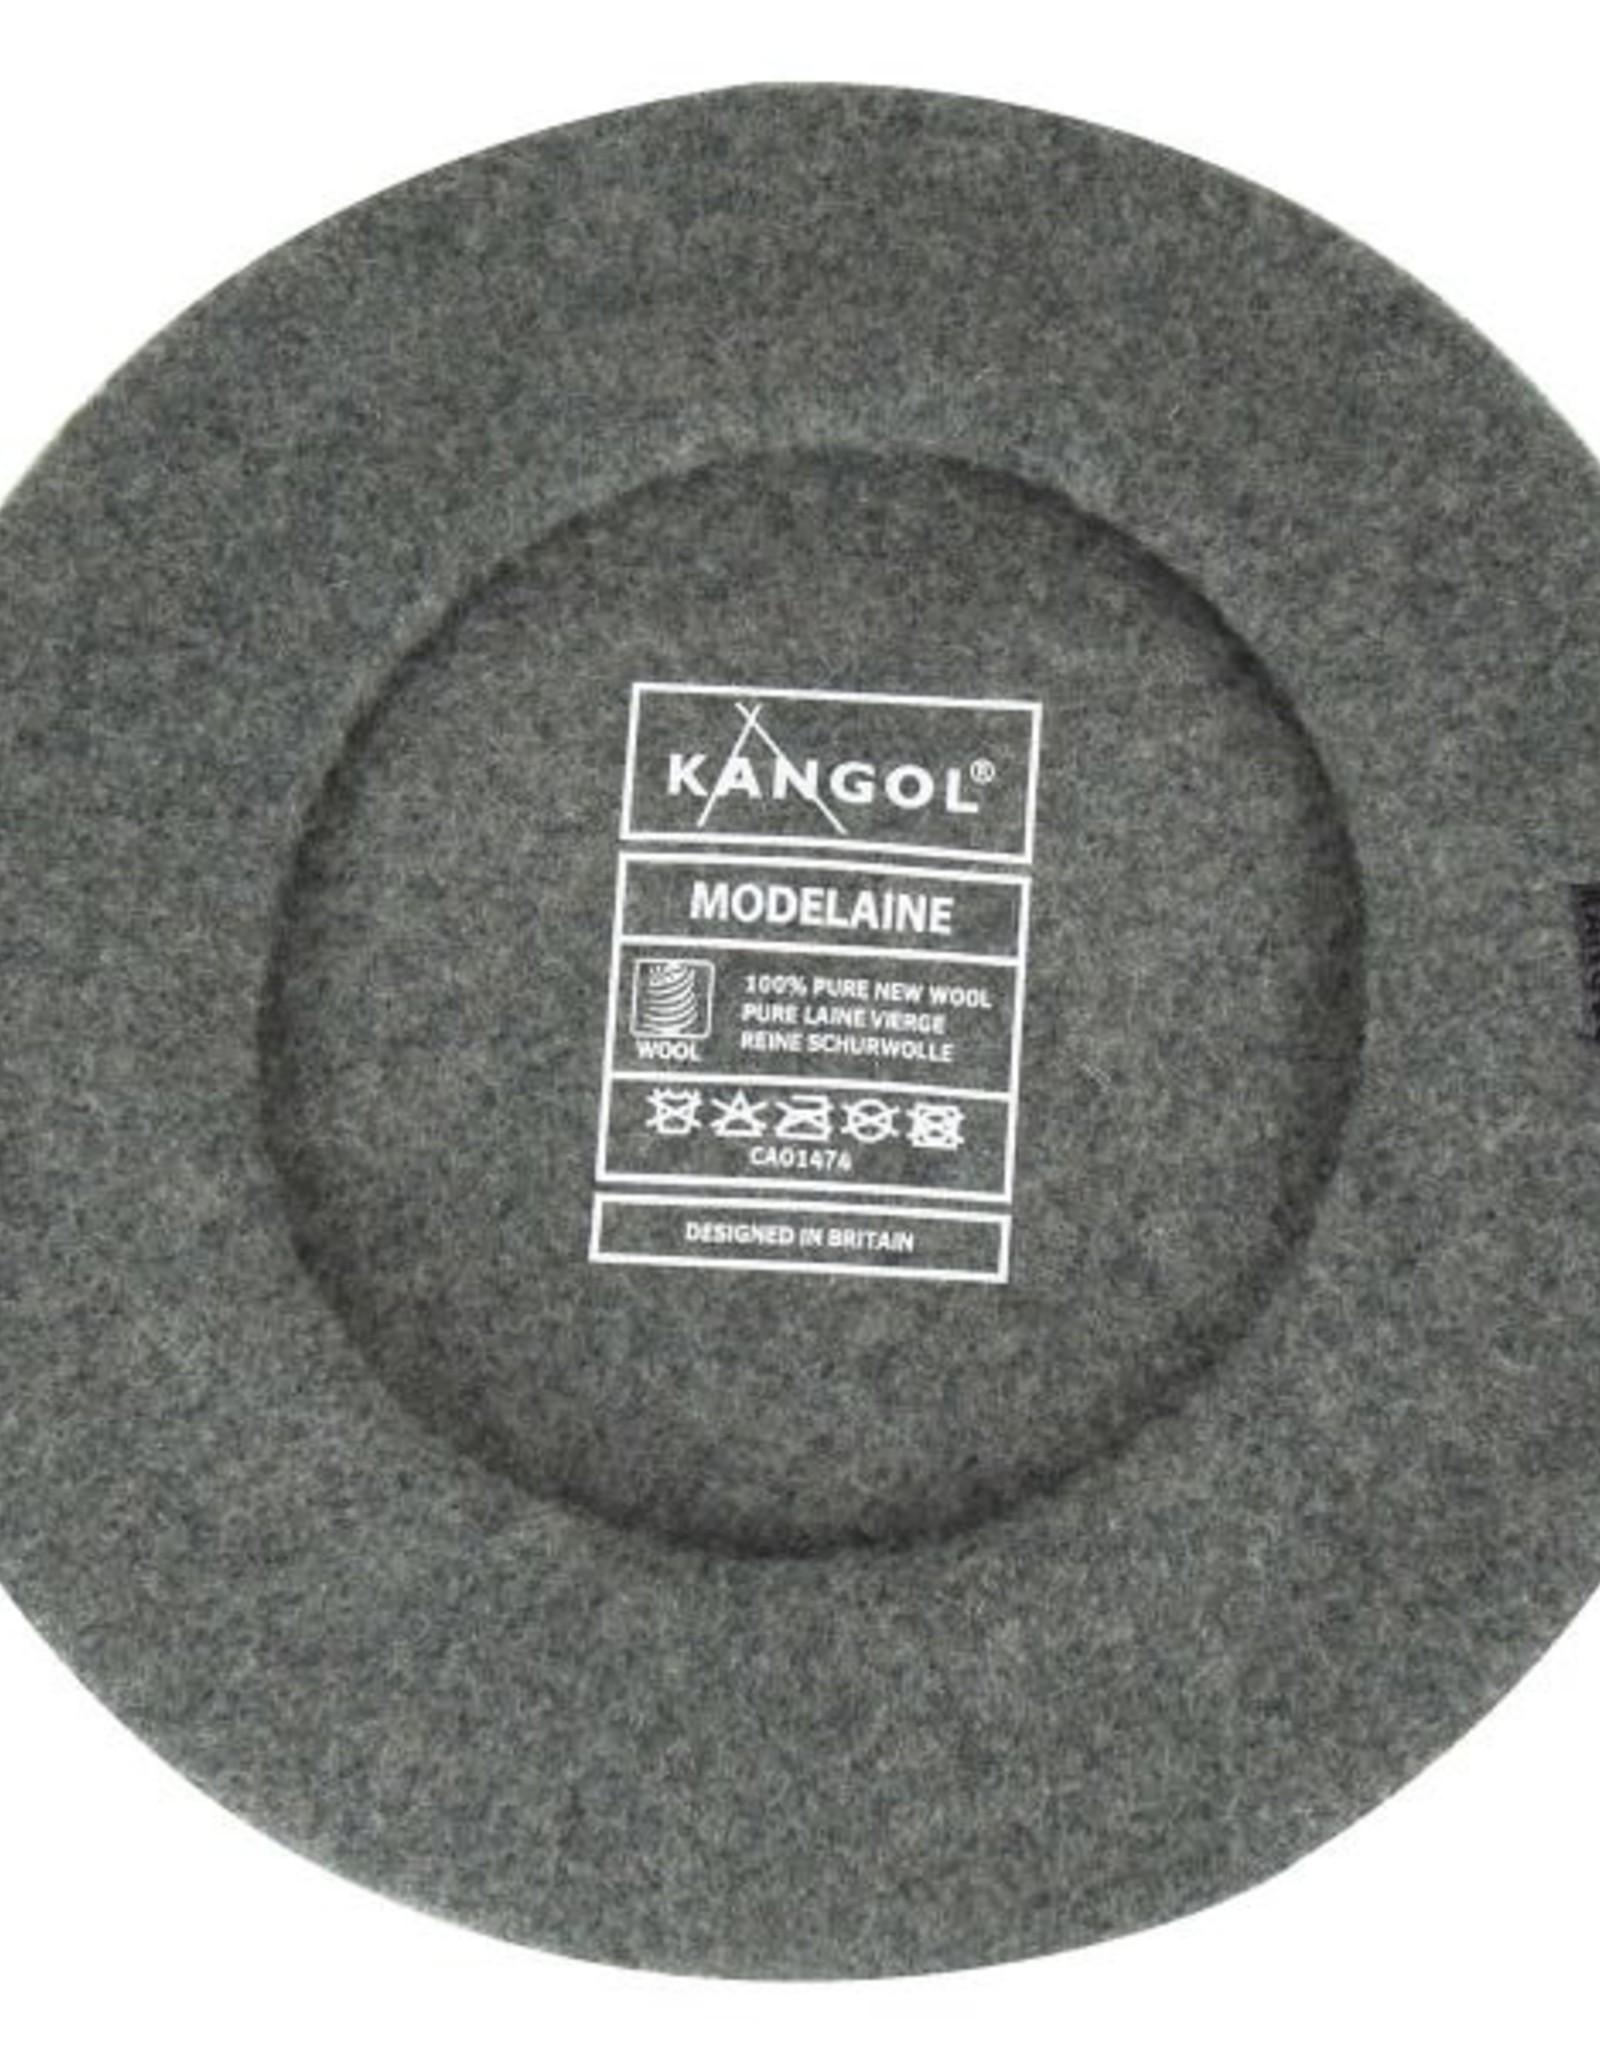 kangol Modelaine beret flannel